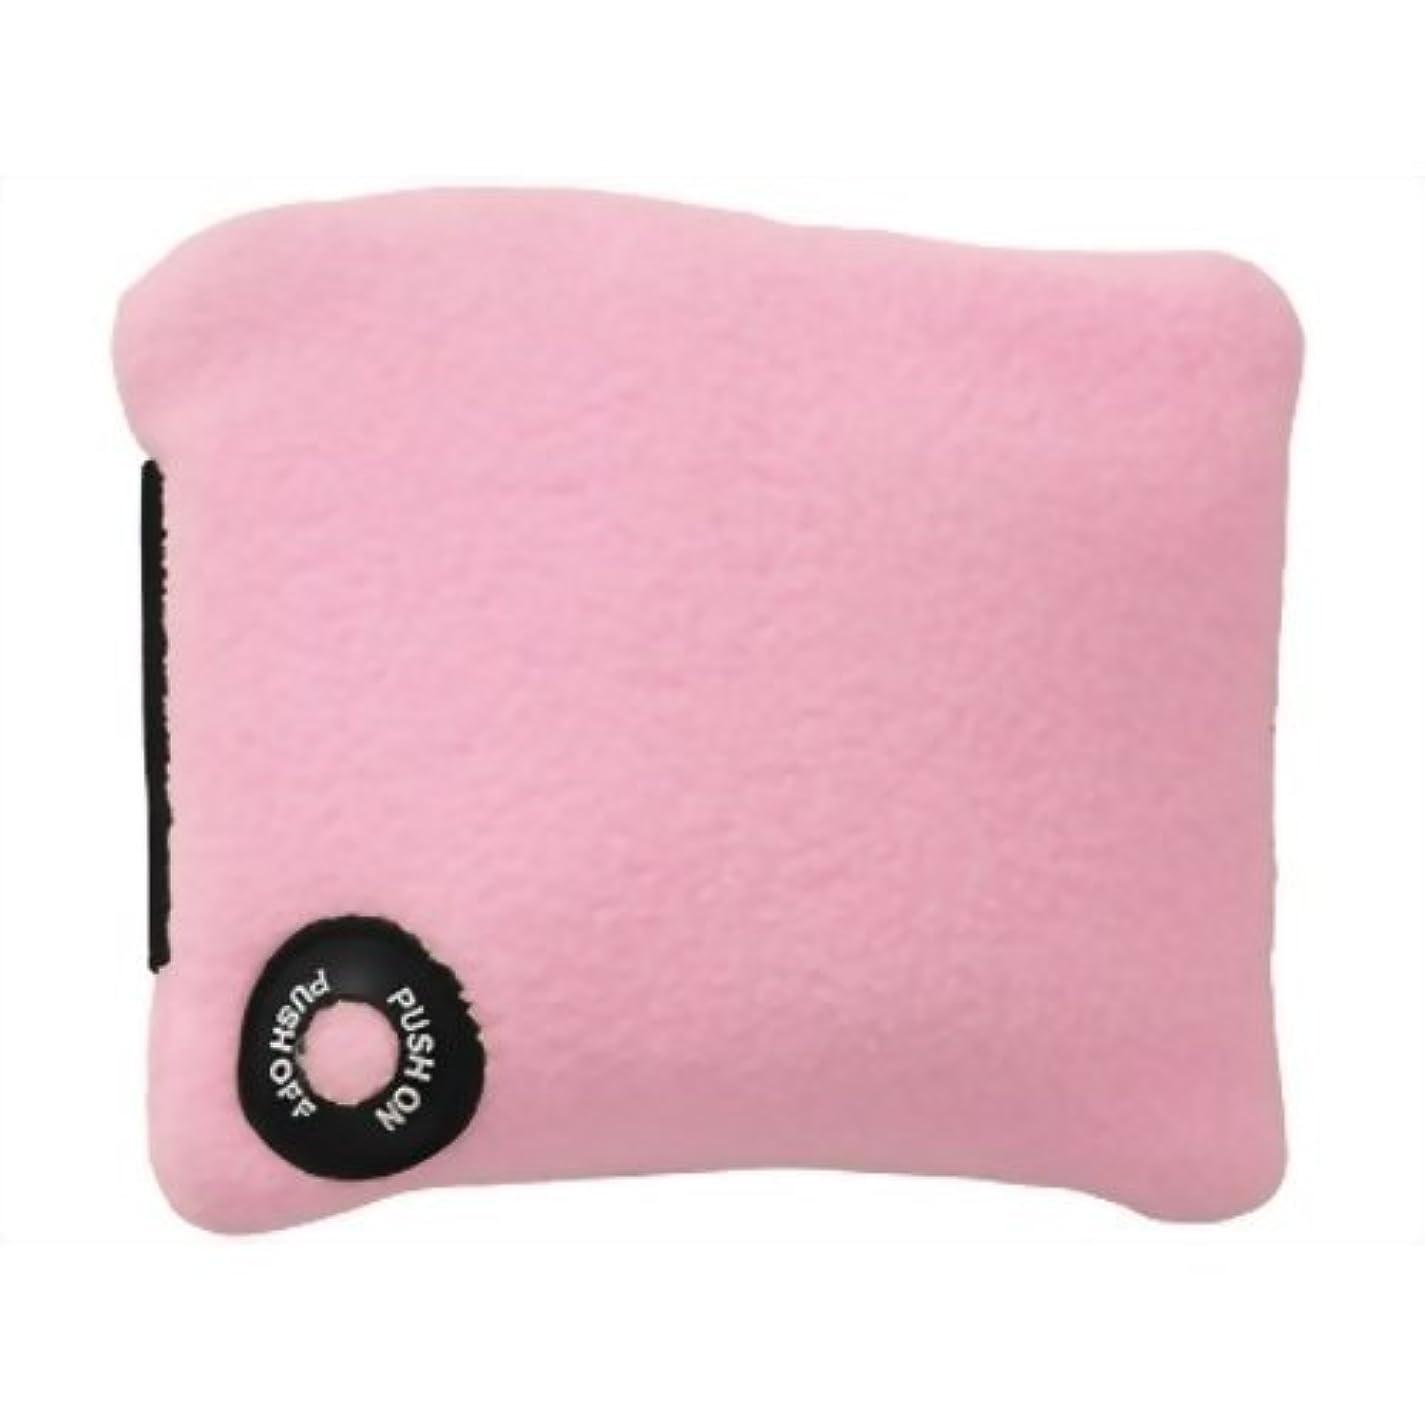 石ソース愛国的なぶるる 足用 ピンク フリーサイズ